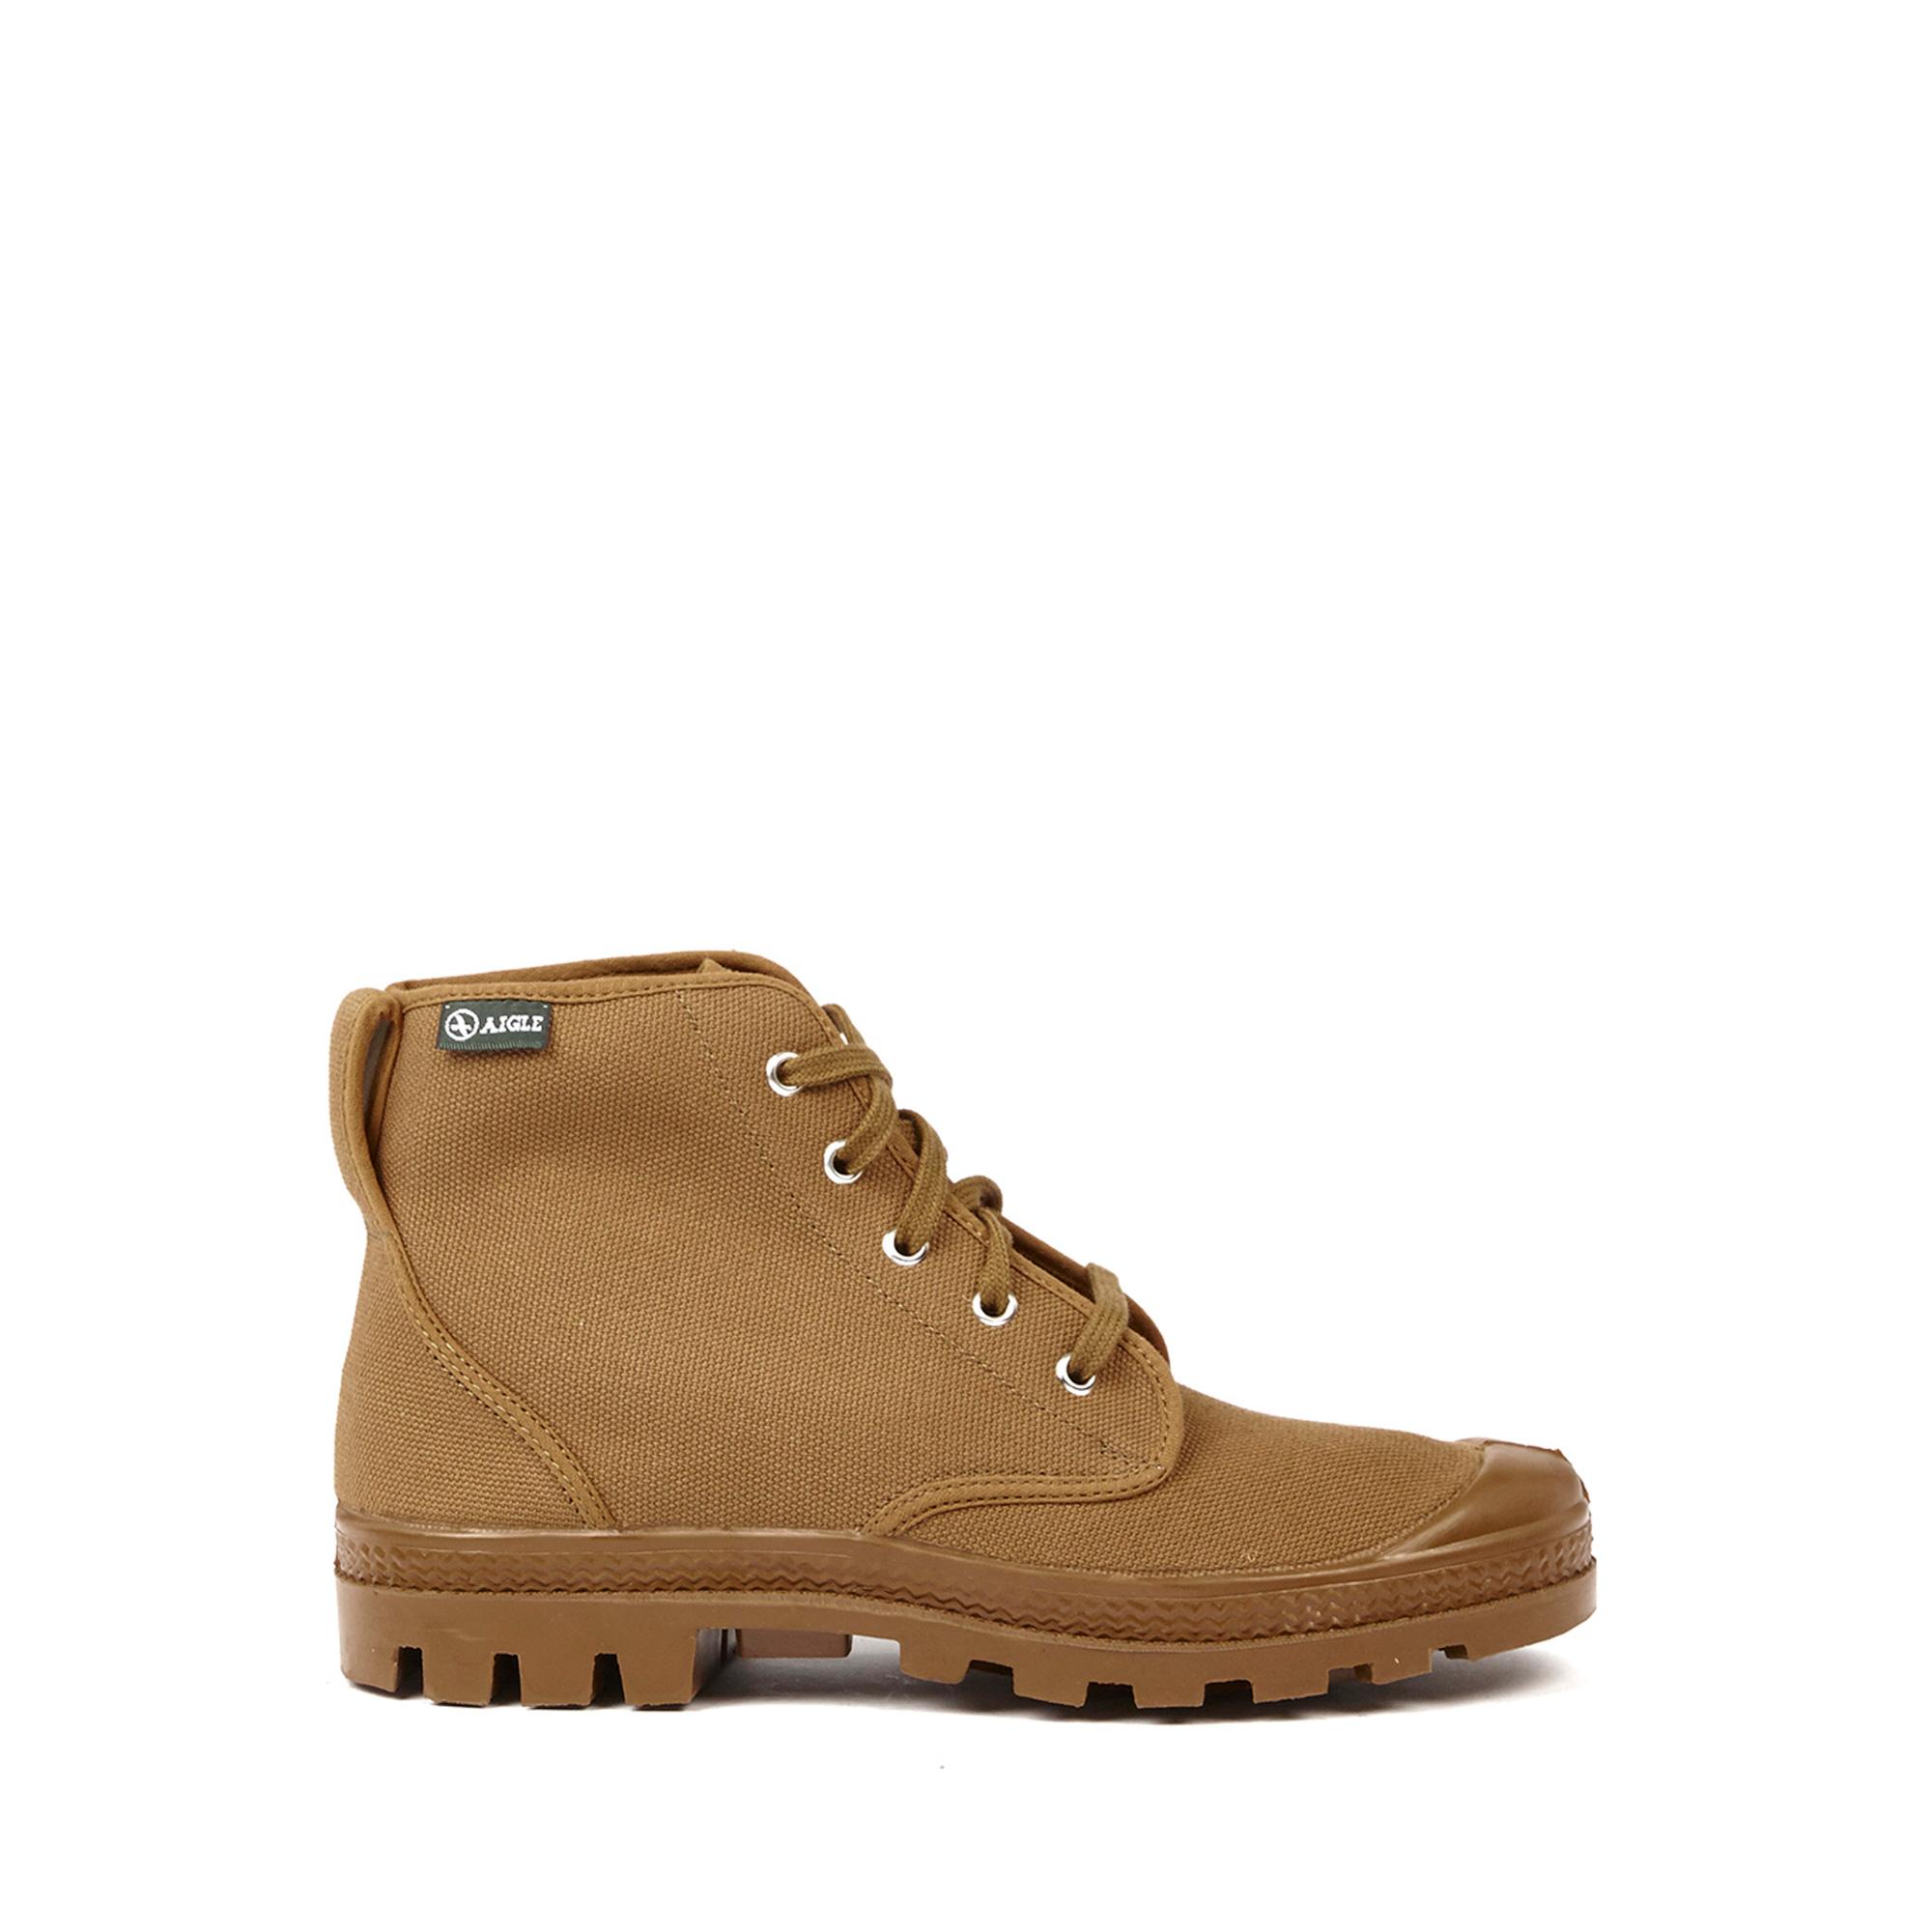 Aigle Loisirs Marche Chaussures De Homme Et x0Xqw4FY